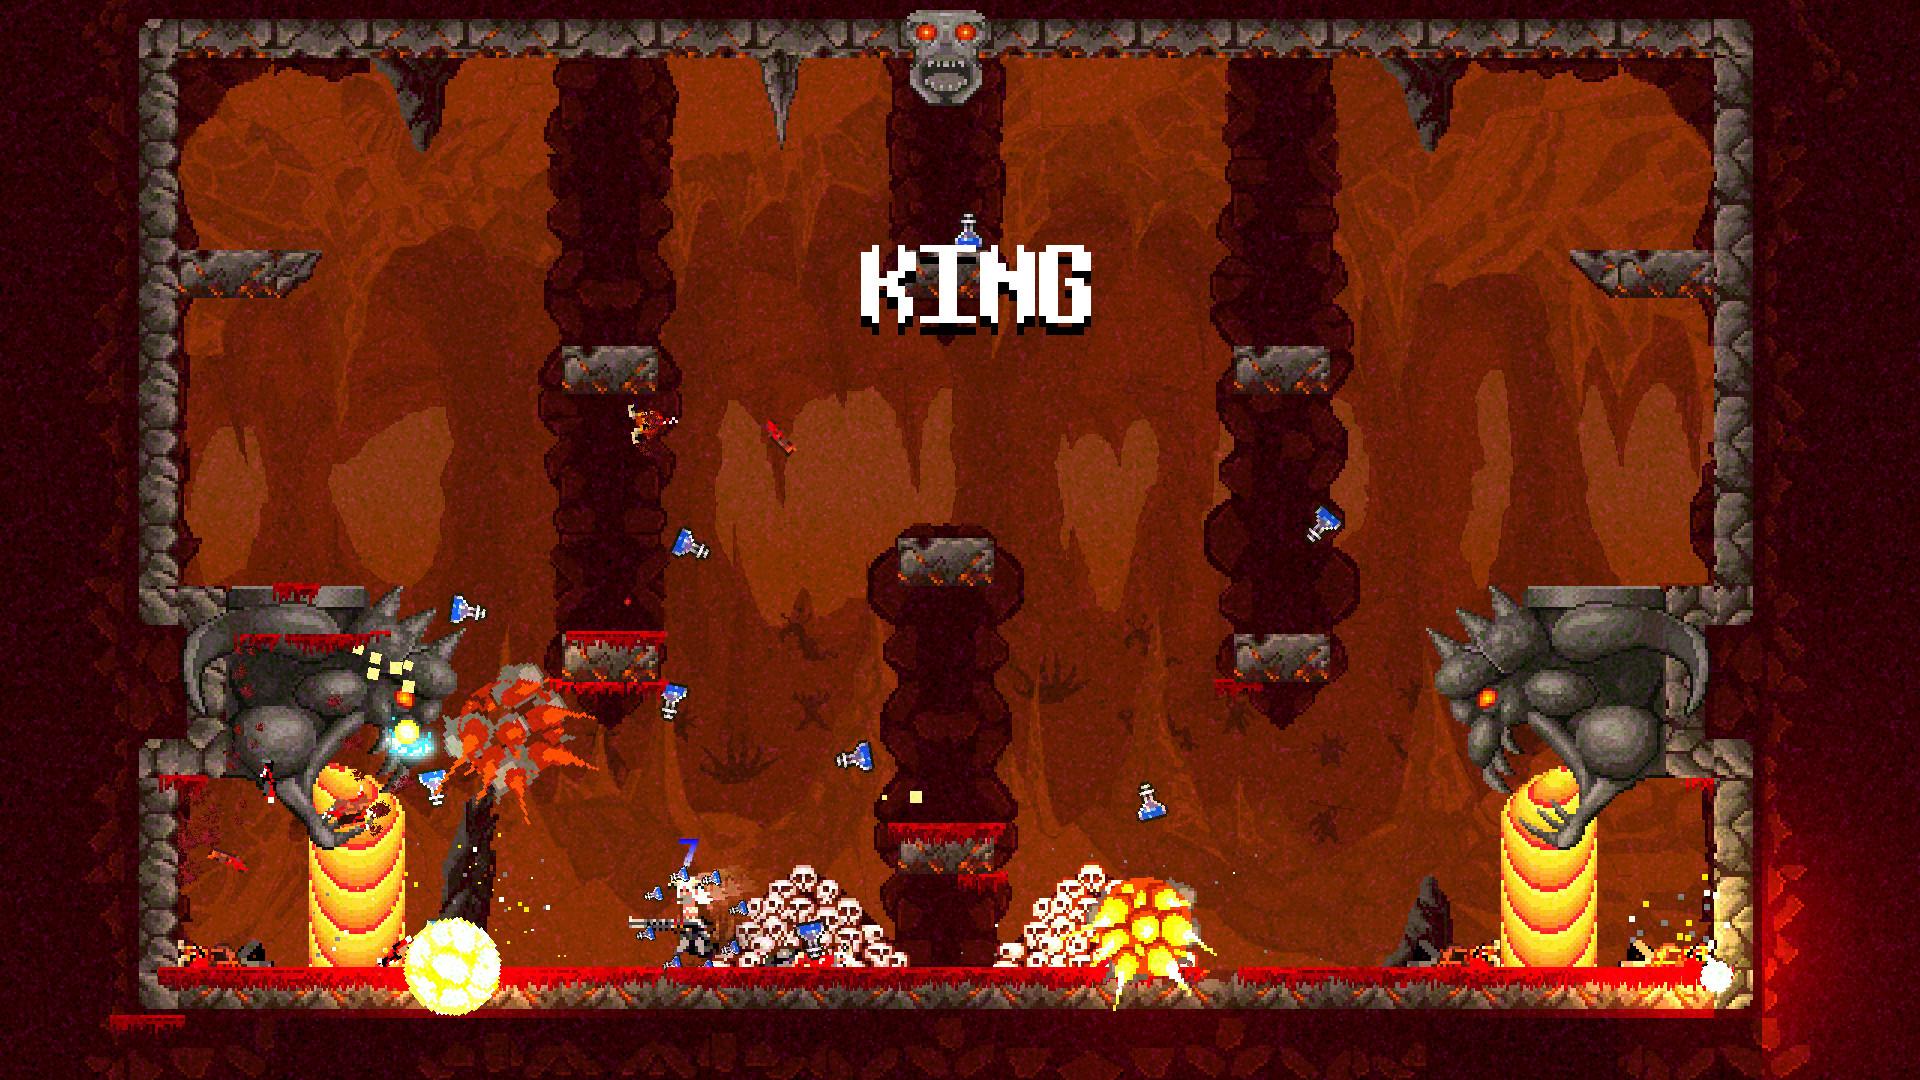 com.steam.370940-screenshot